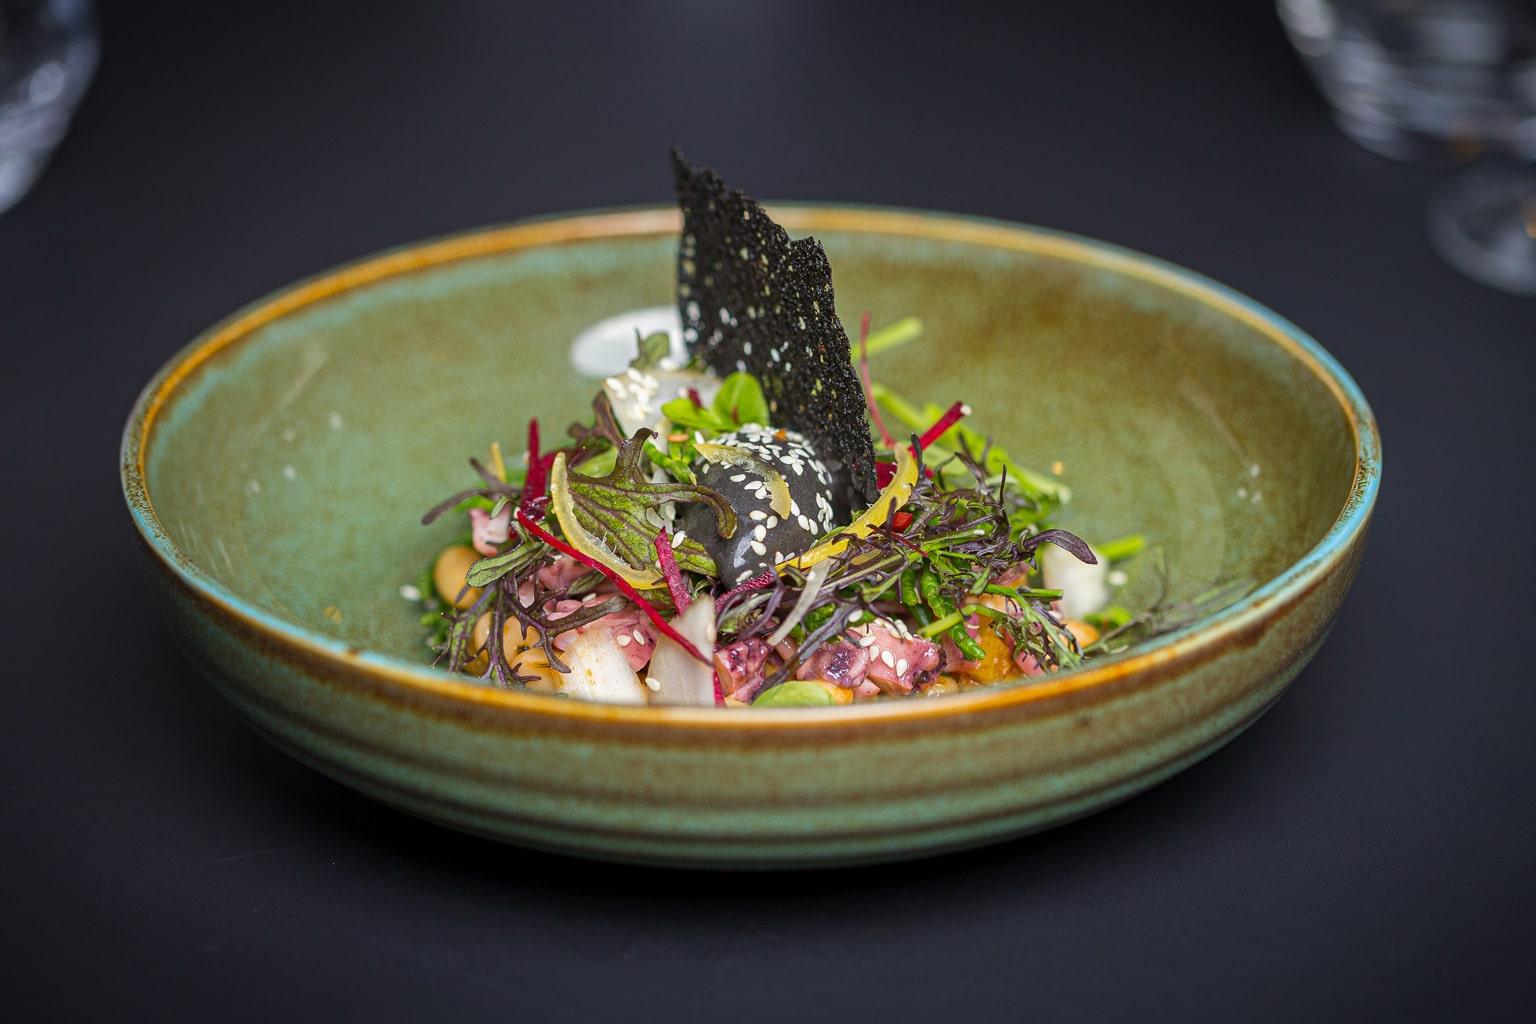 Raviole de gambas, bouillon dashi confit d'échalotes au soja gingembre mariné.